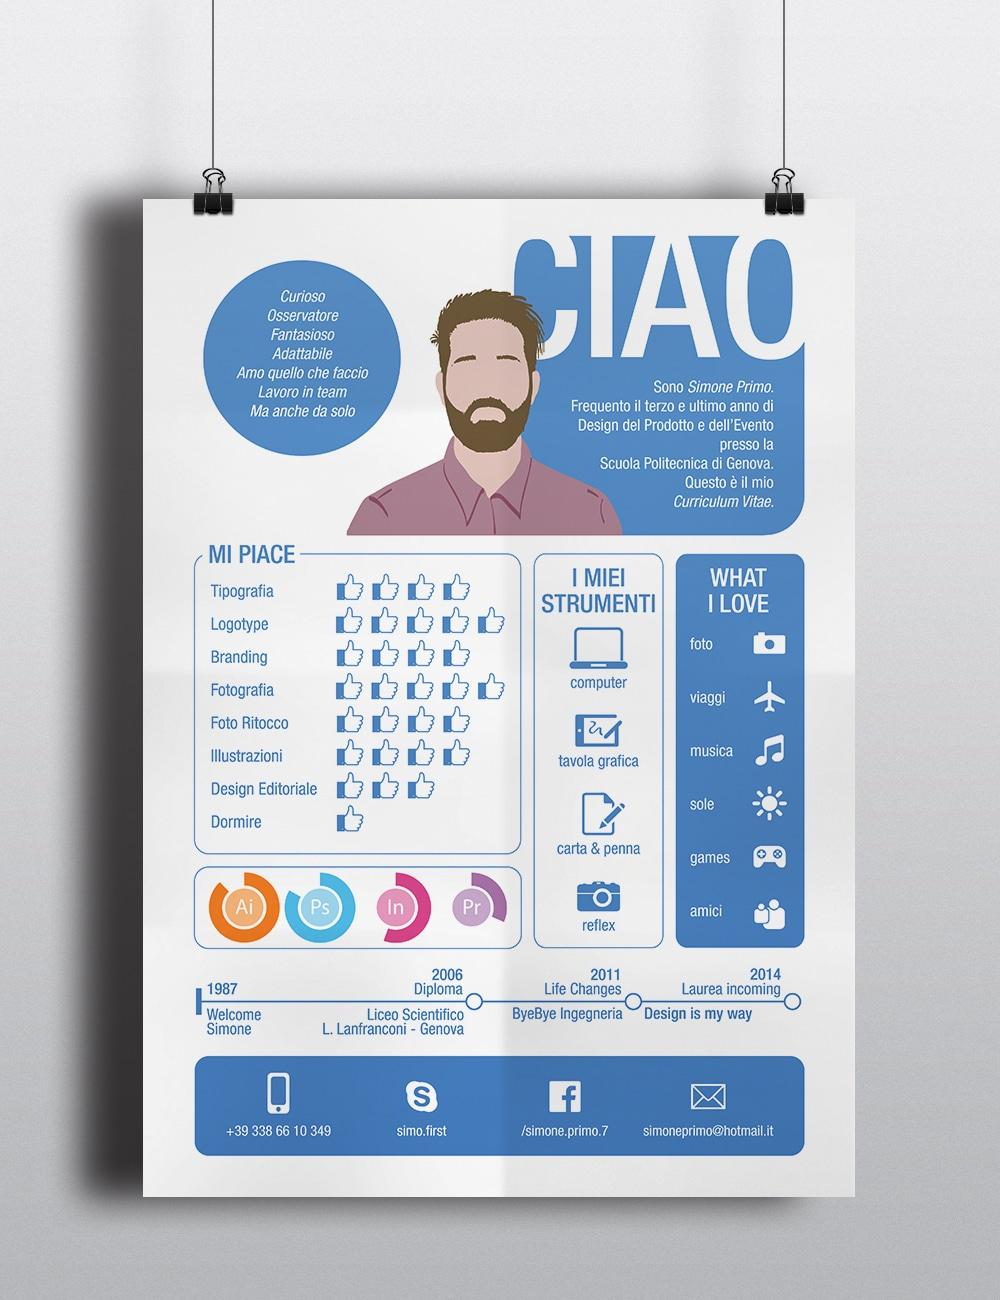 resume template for 2015 coverletter for job education resume template for 2015 professional resume cv template for graphic designers 55 amazing graphic design